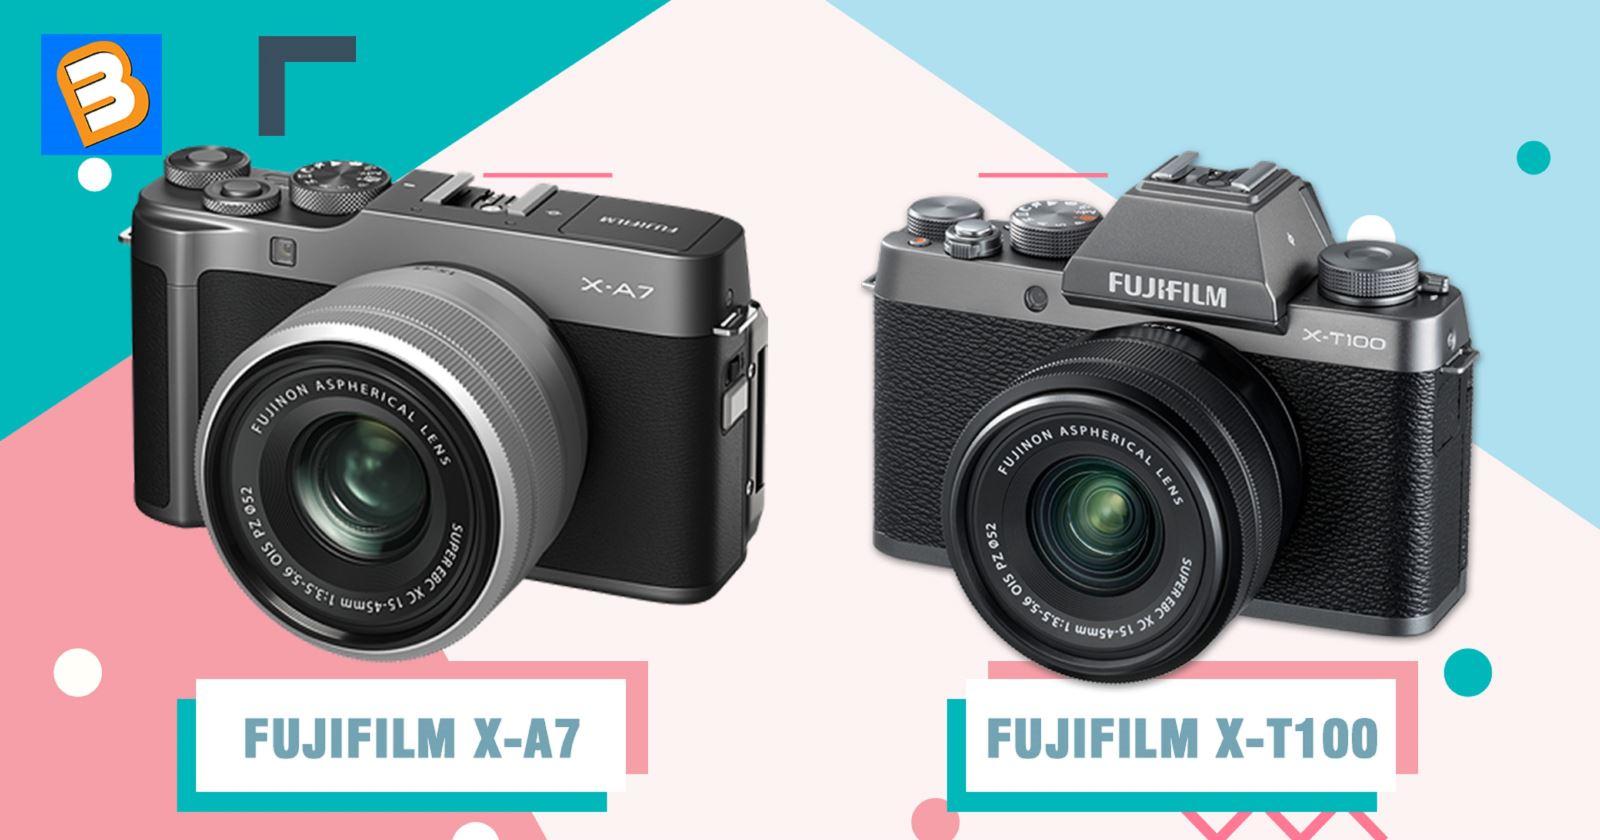 So sánh Fujifilm X-A7 và X-T100: 10 điểm khác biệt chính